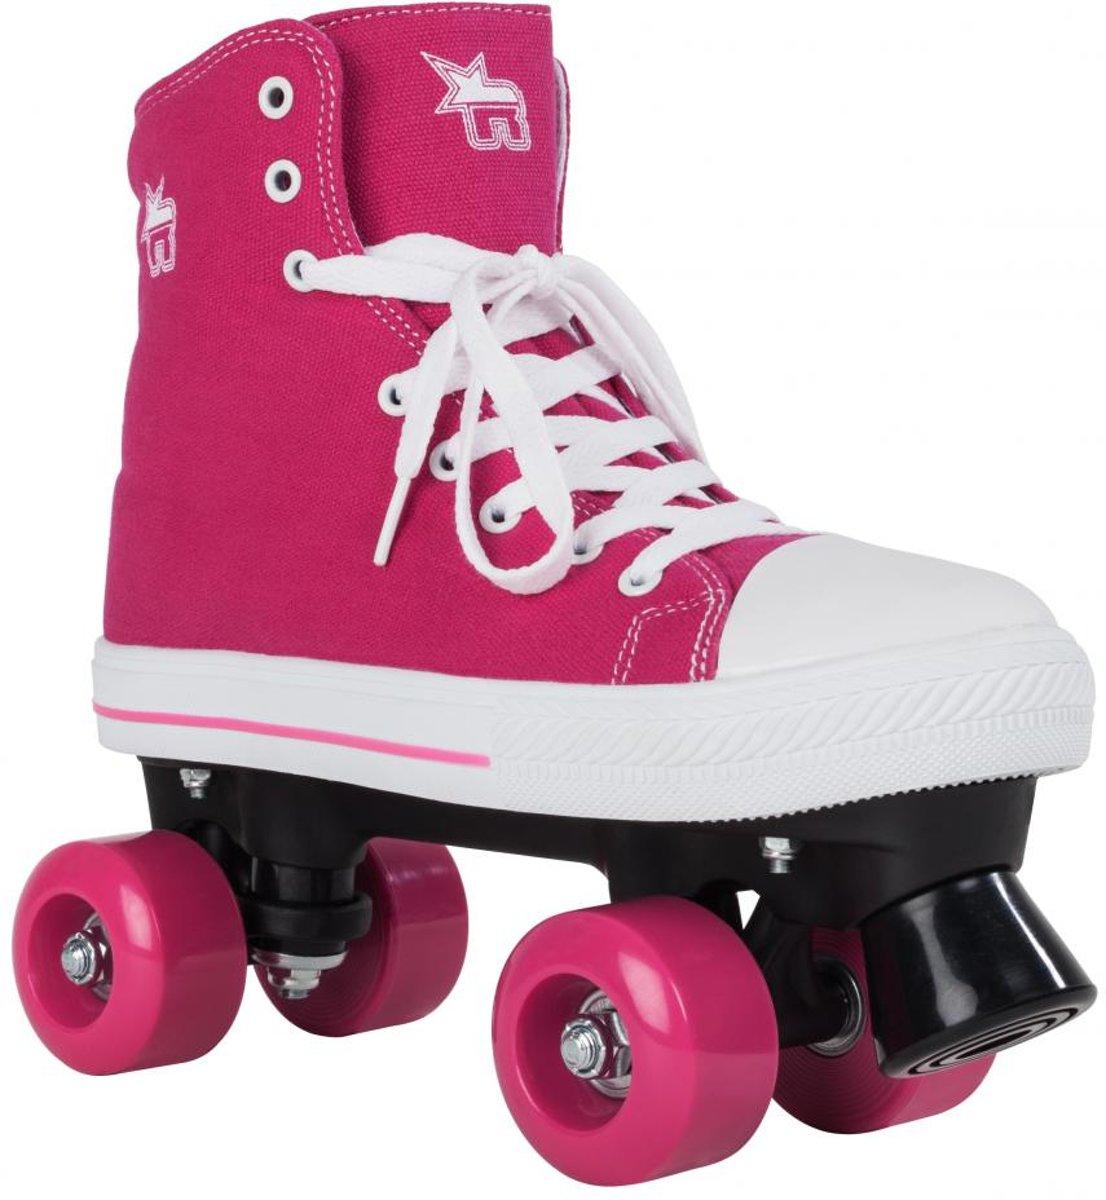 Rookie Rolschaatsen Canvas - Kinderen - Roze - Maat 34 kopen